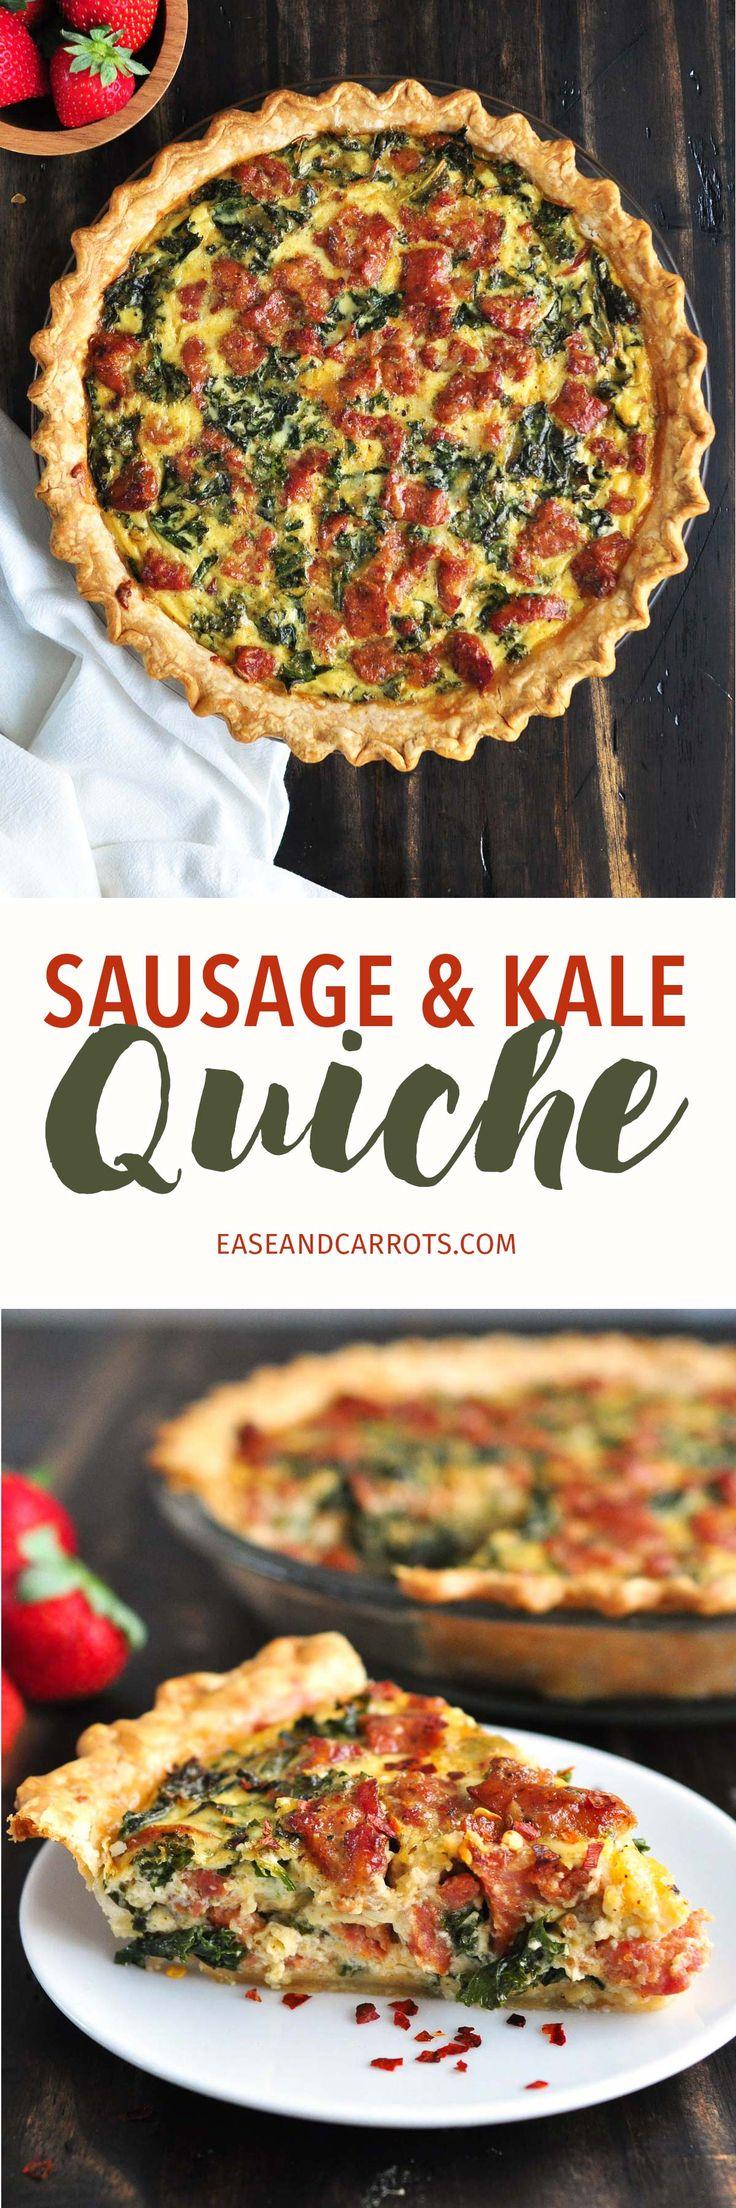 Blue apron quiche artichoke - Sausage Kale Quiche Recipe A Super Easy Hearty Quiche Recipe That Is Great